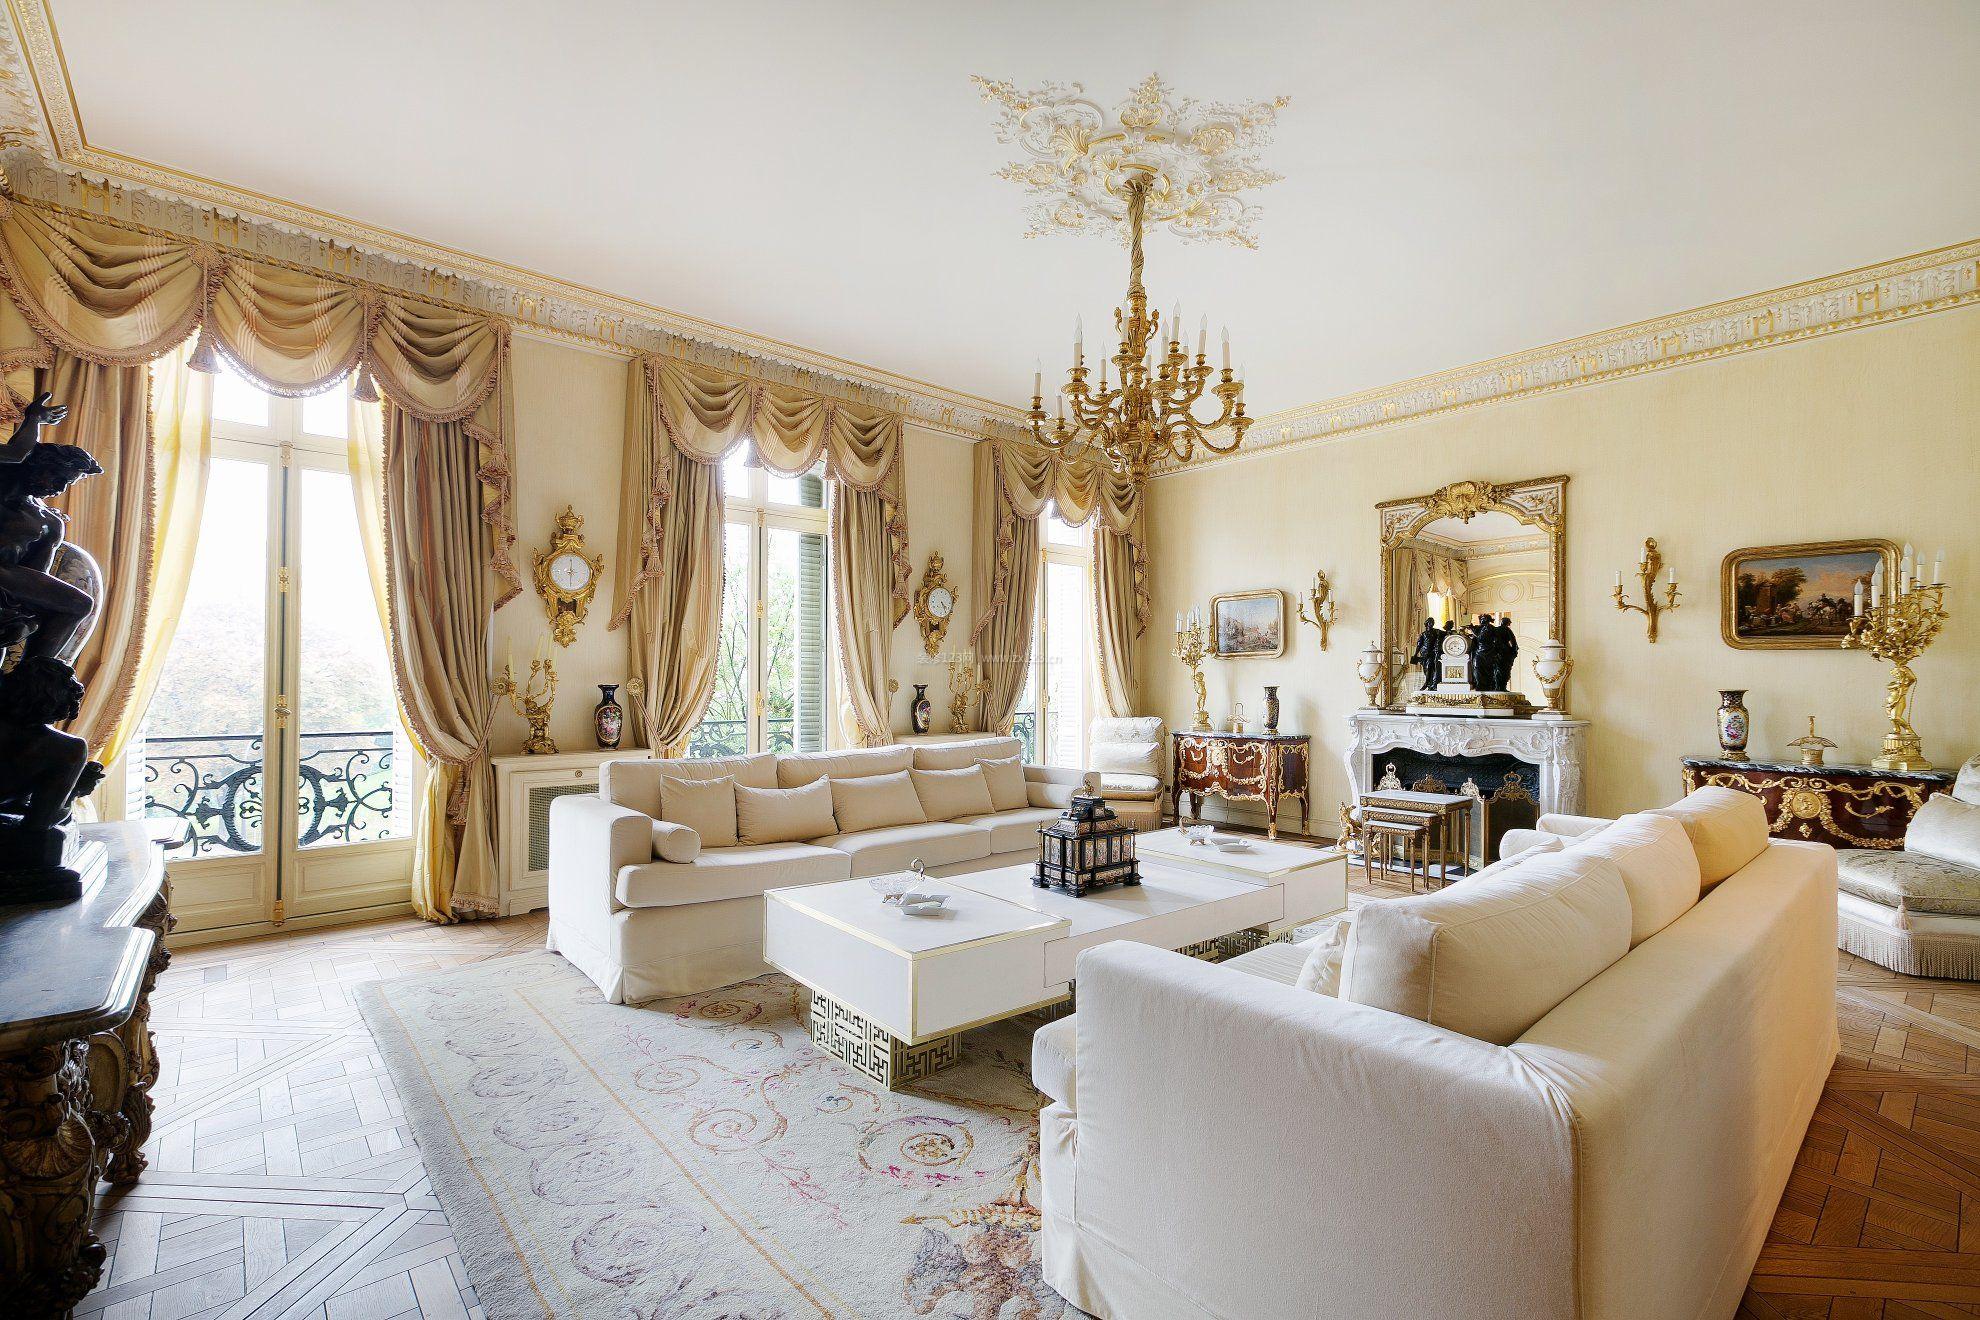 简约欧式家装风格大户型客厅装修效果图片